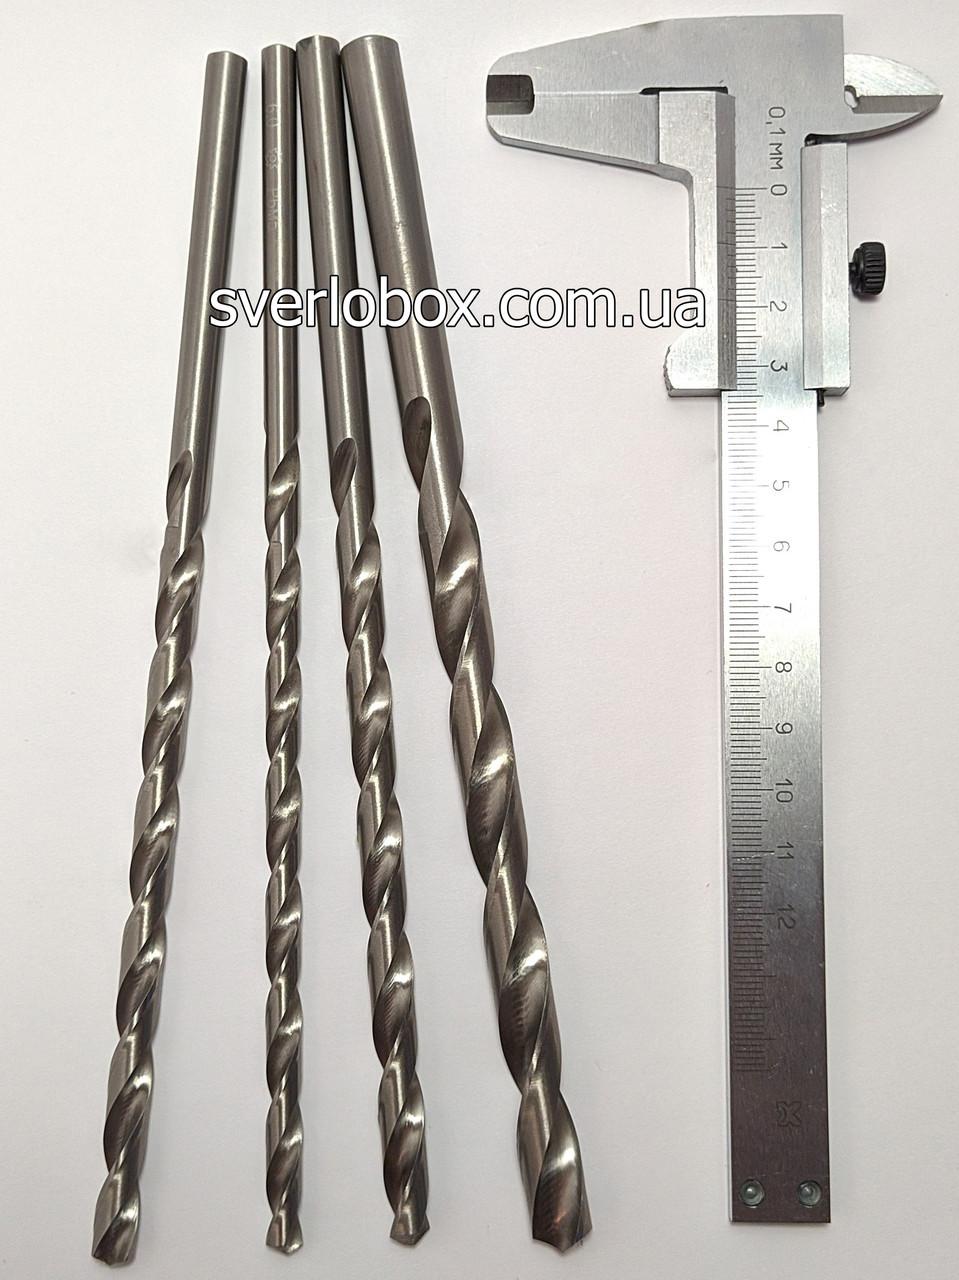 Сверло по металлу D 8 mm. L200 mm.